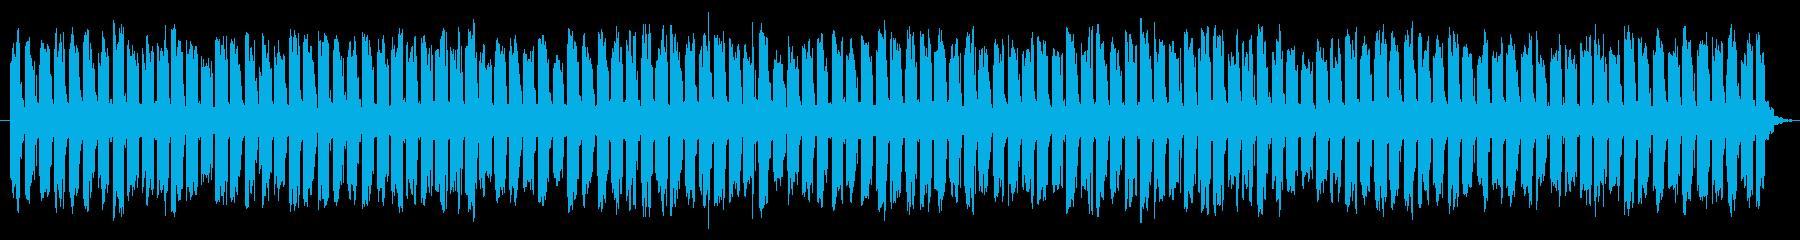 制限時間が迫ってくる効果音の再生済みの波形